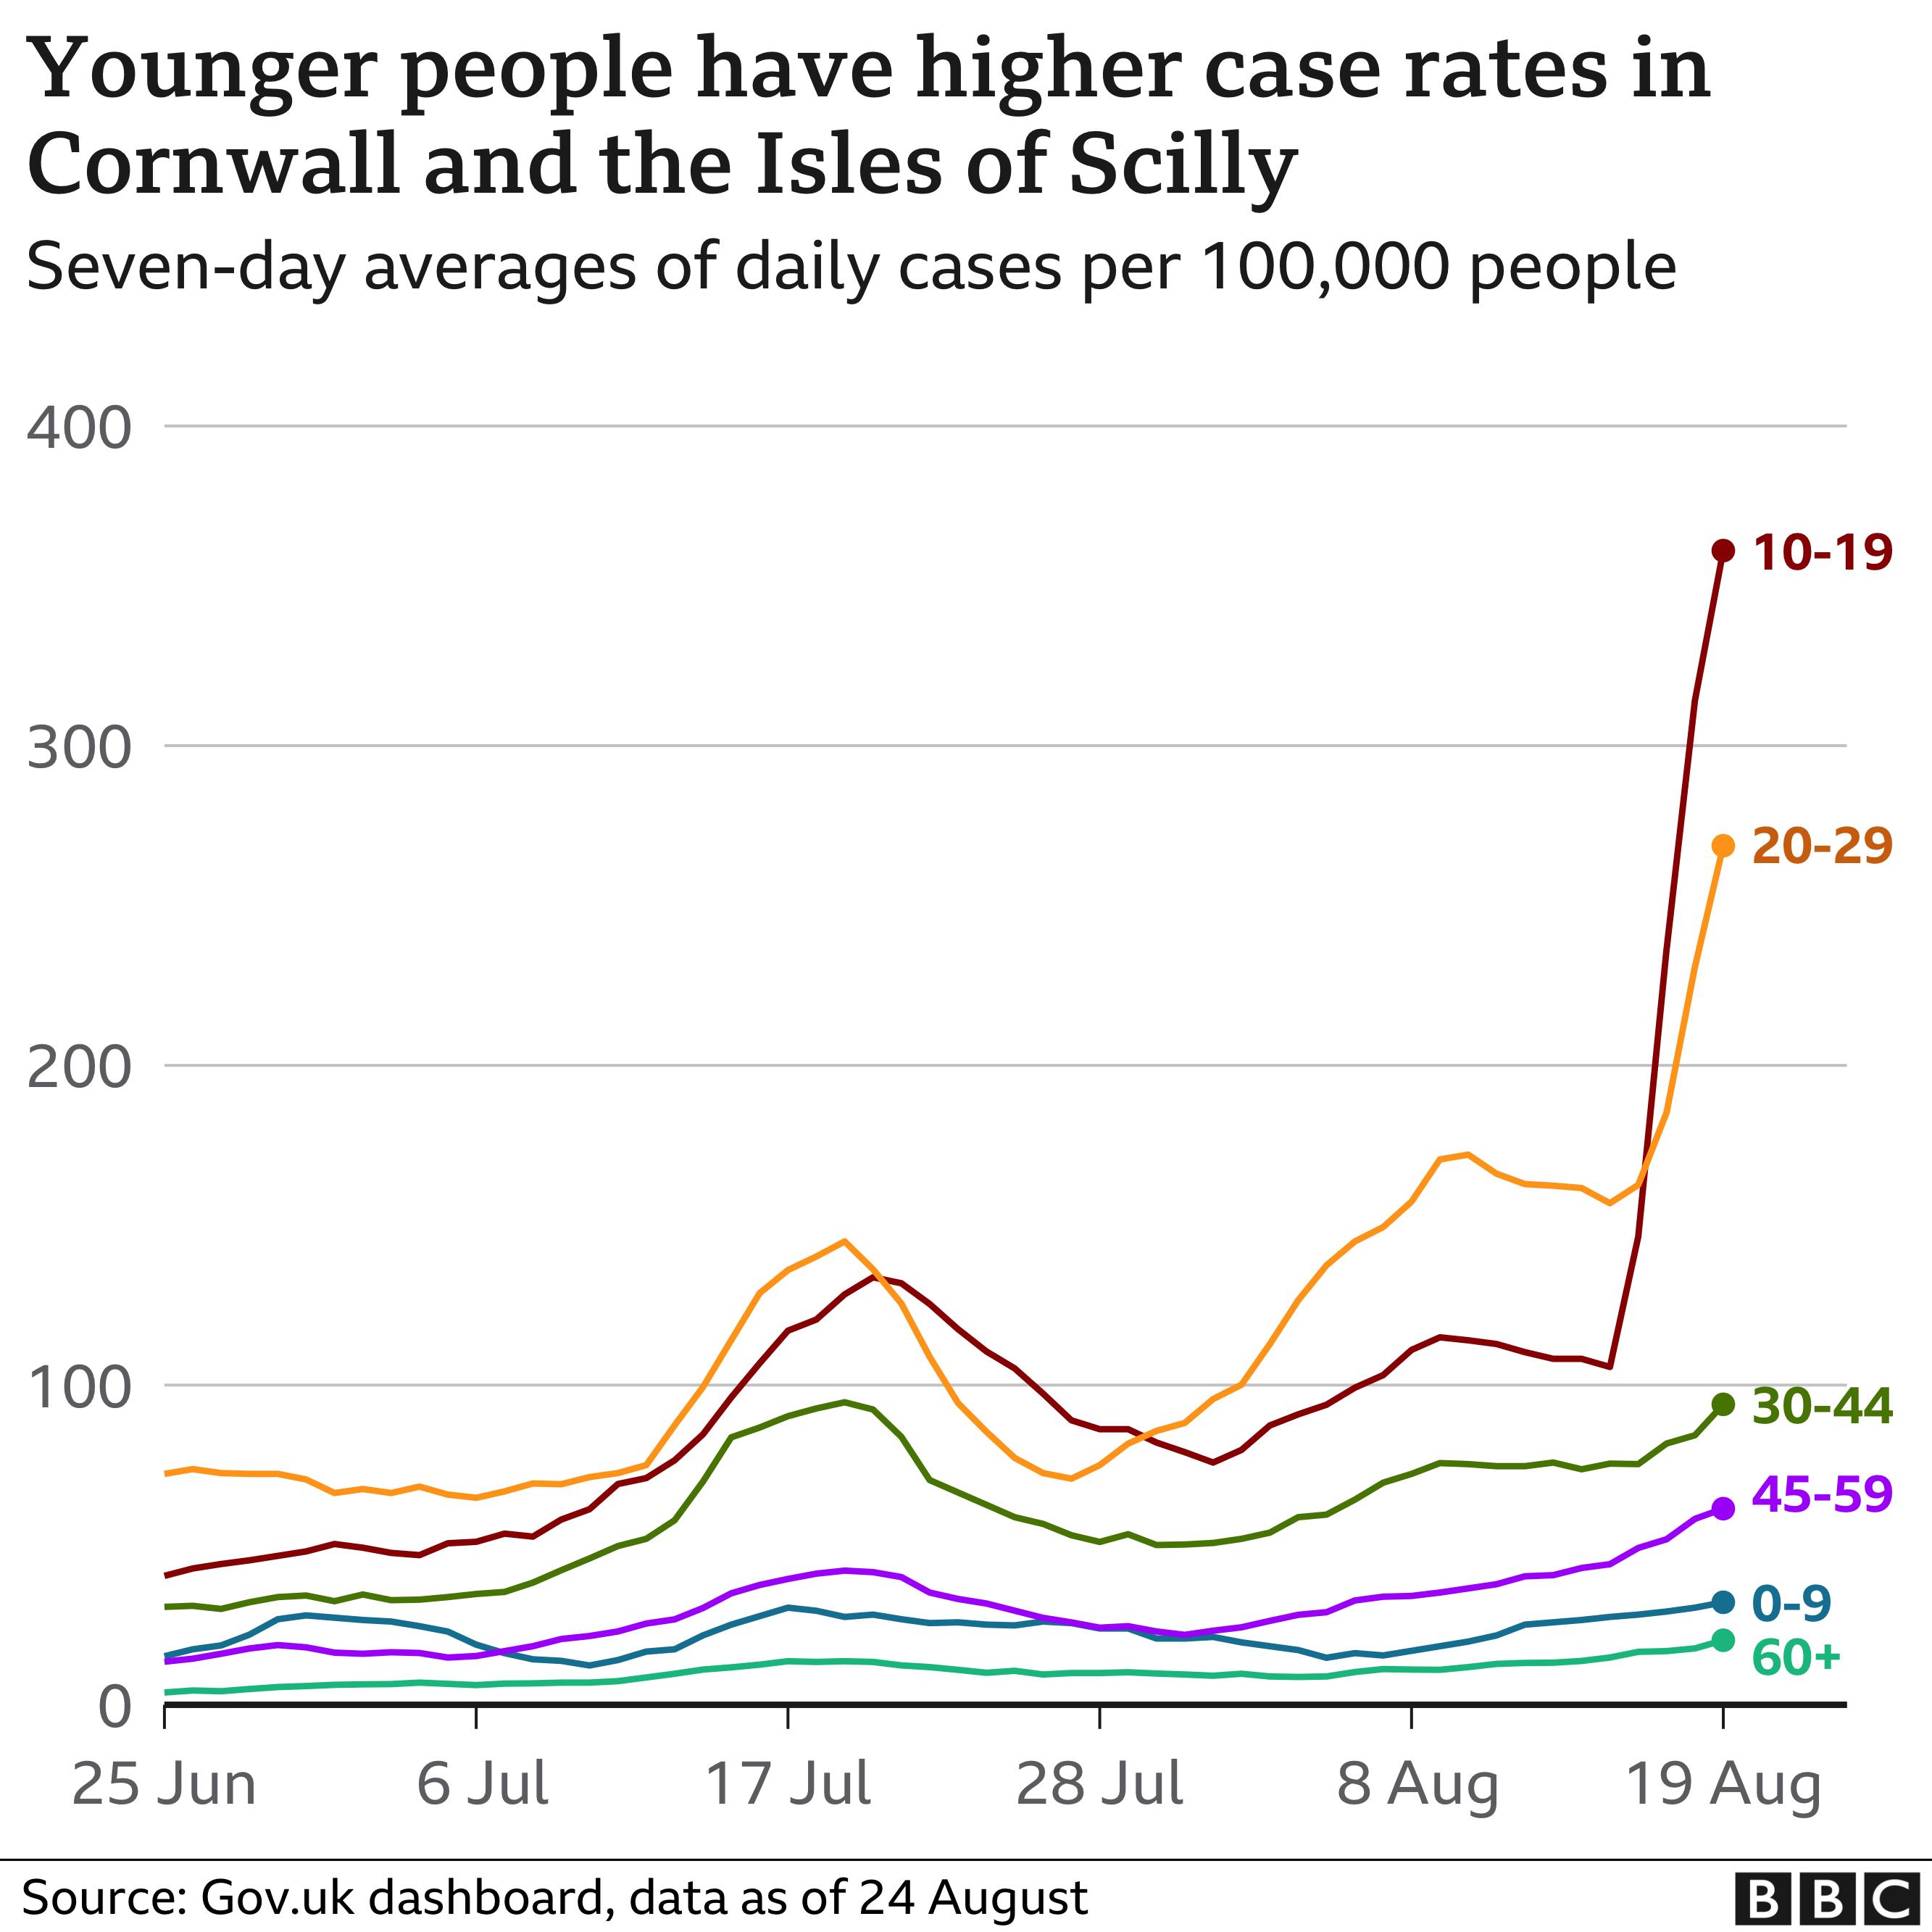 Gráfico que muestra las tasas de Covid en Cornualles y la Isla de Scilly